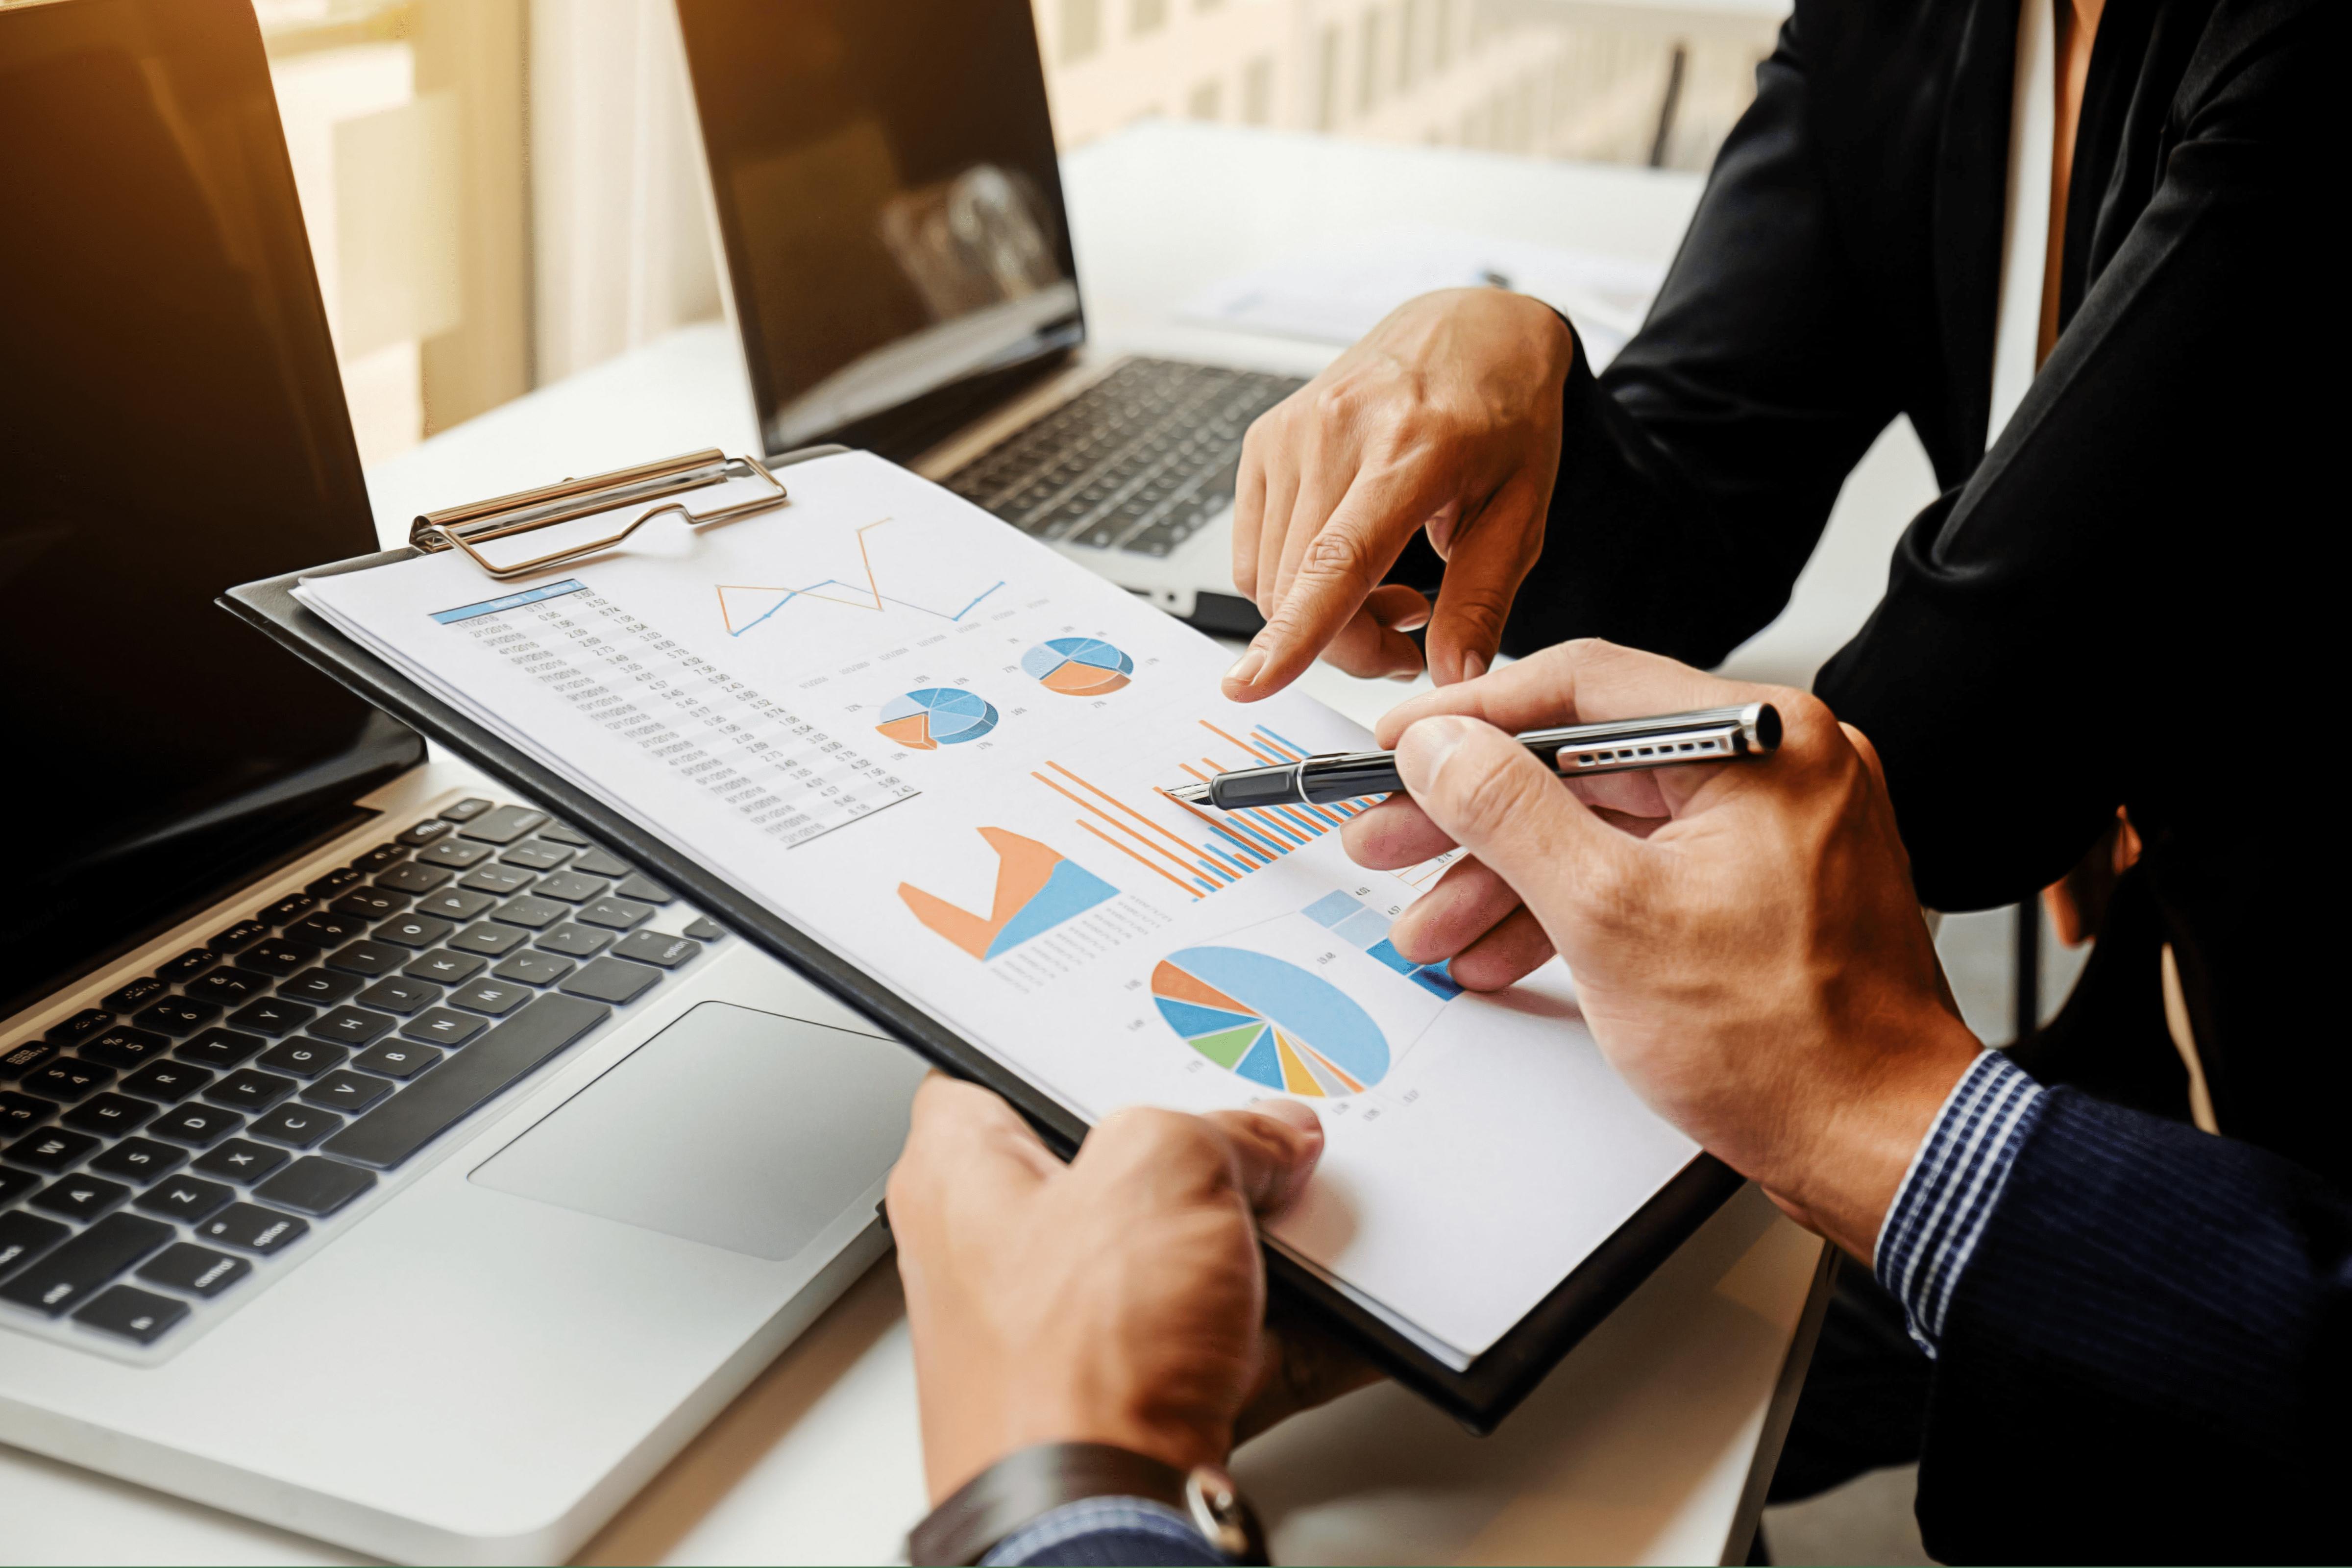 Investor Behavior Dublin, Ireland PFP Financial Services